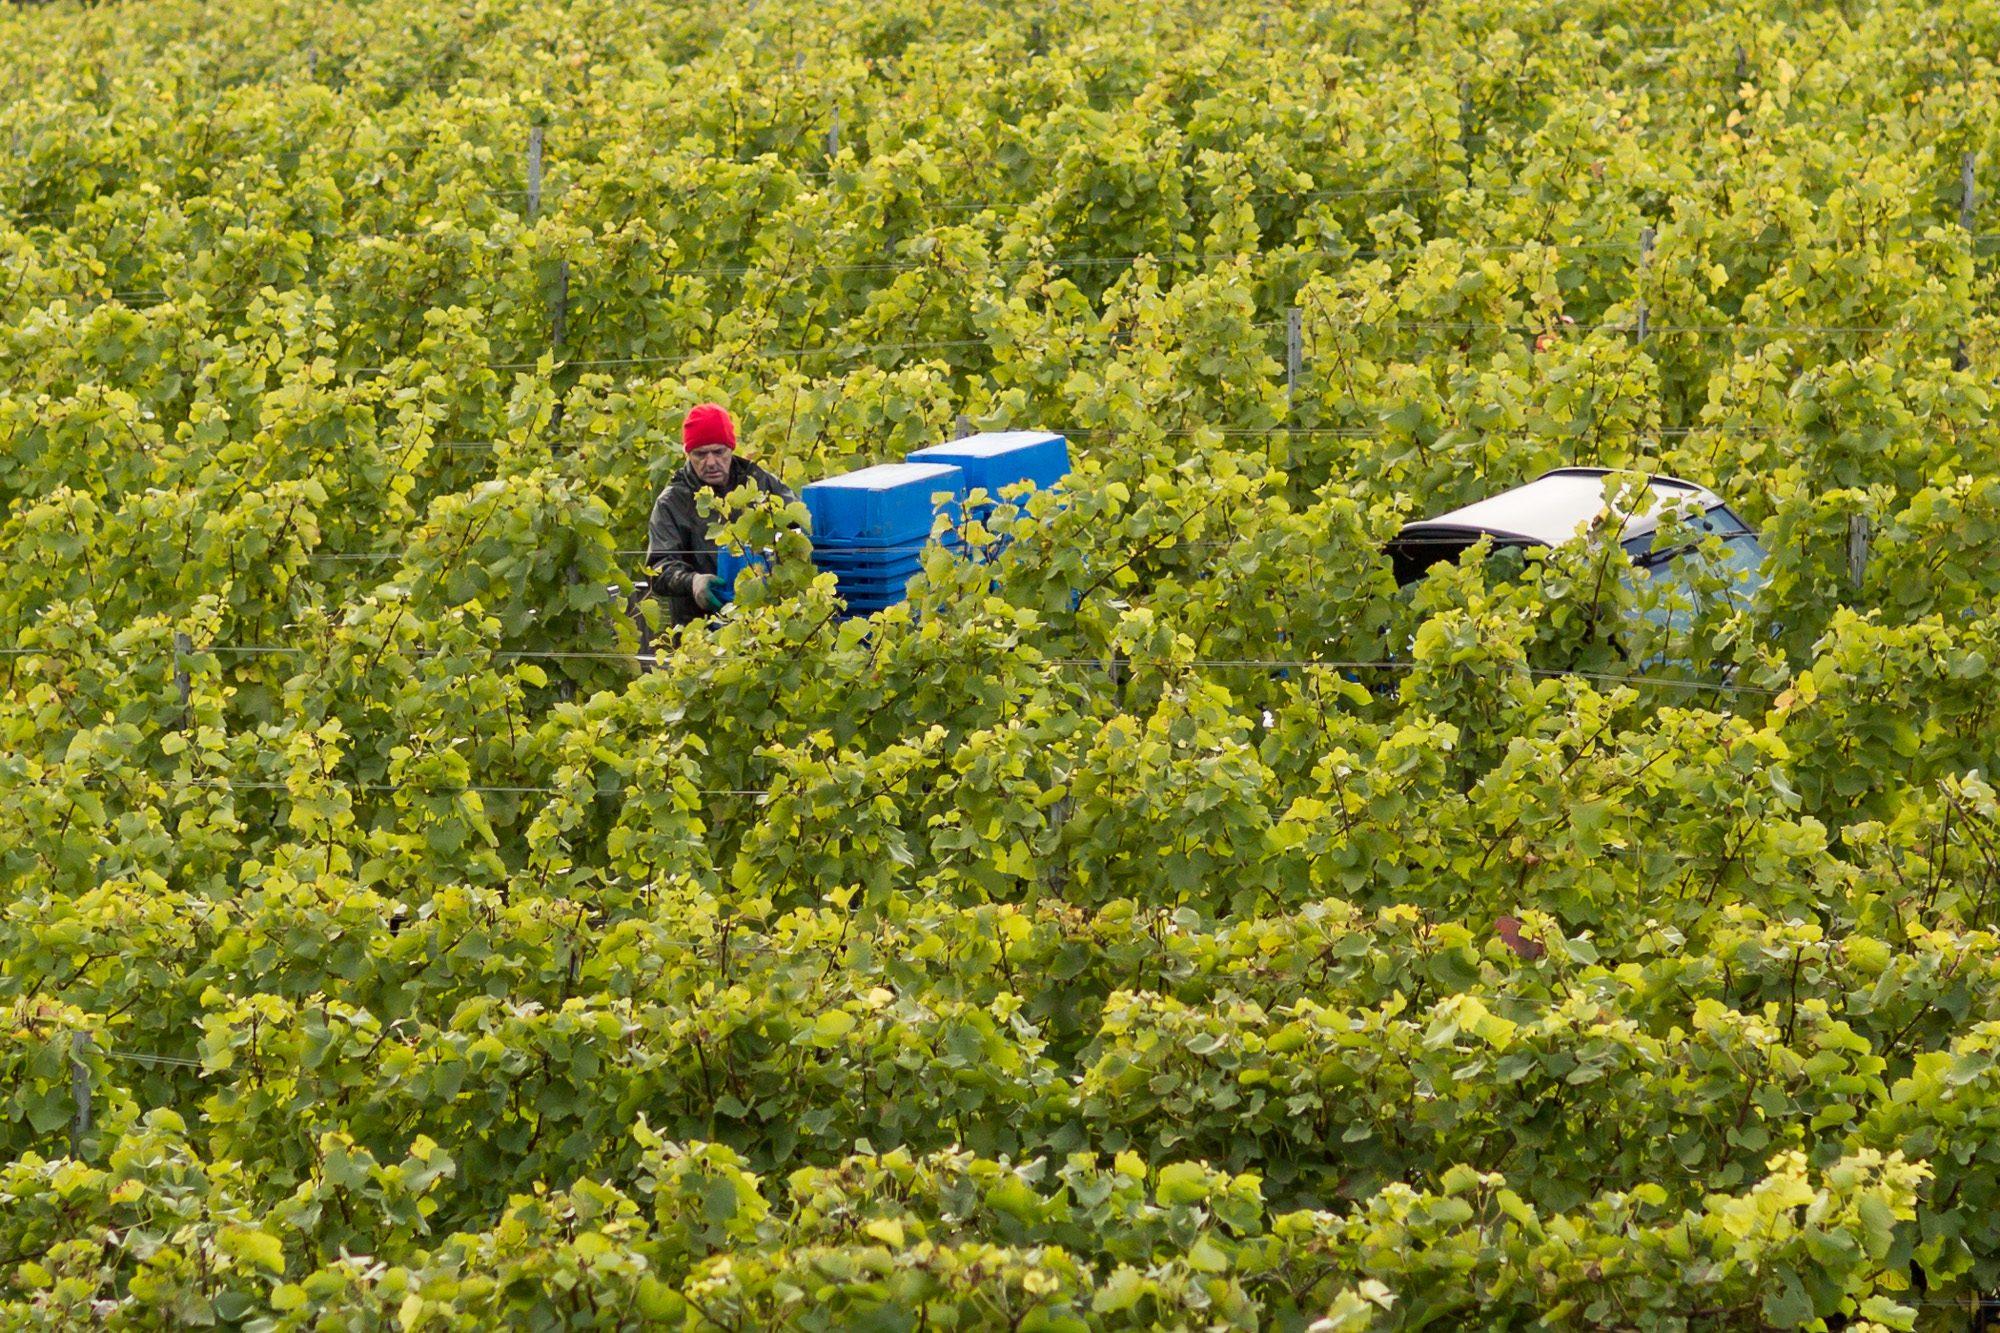 Man Among the Vines